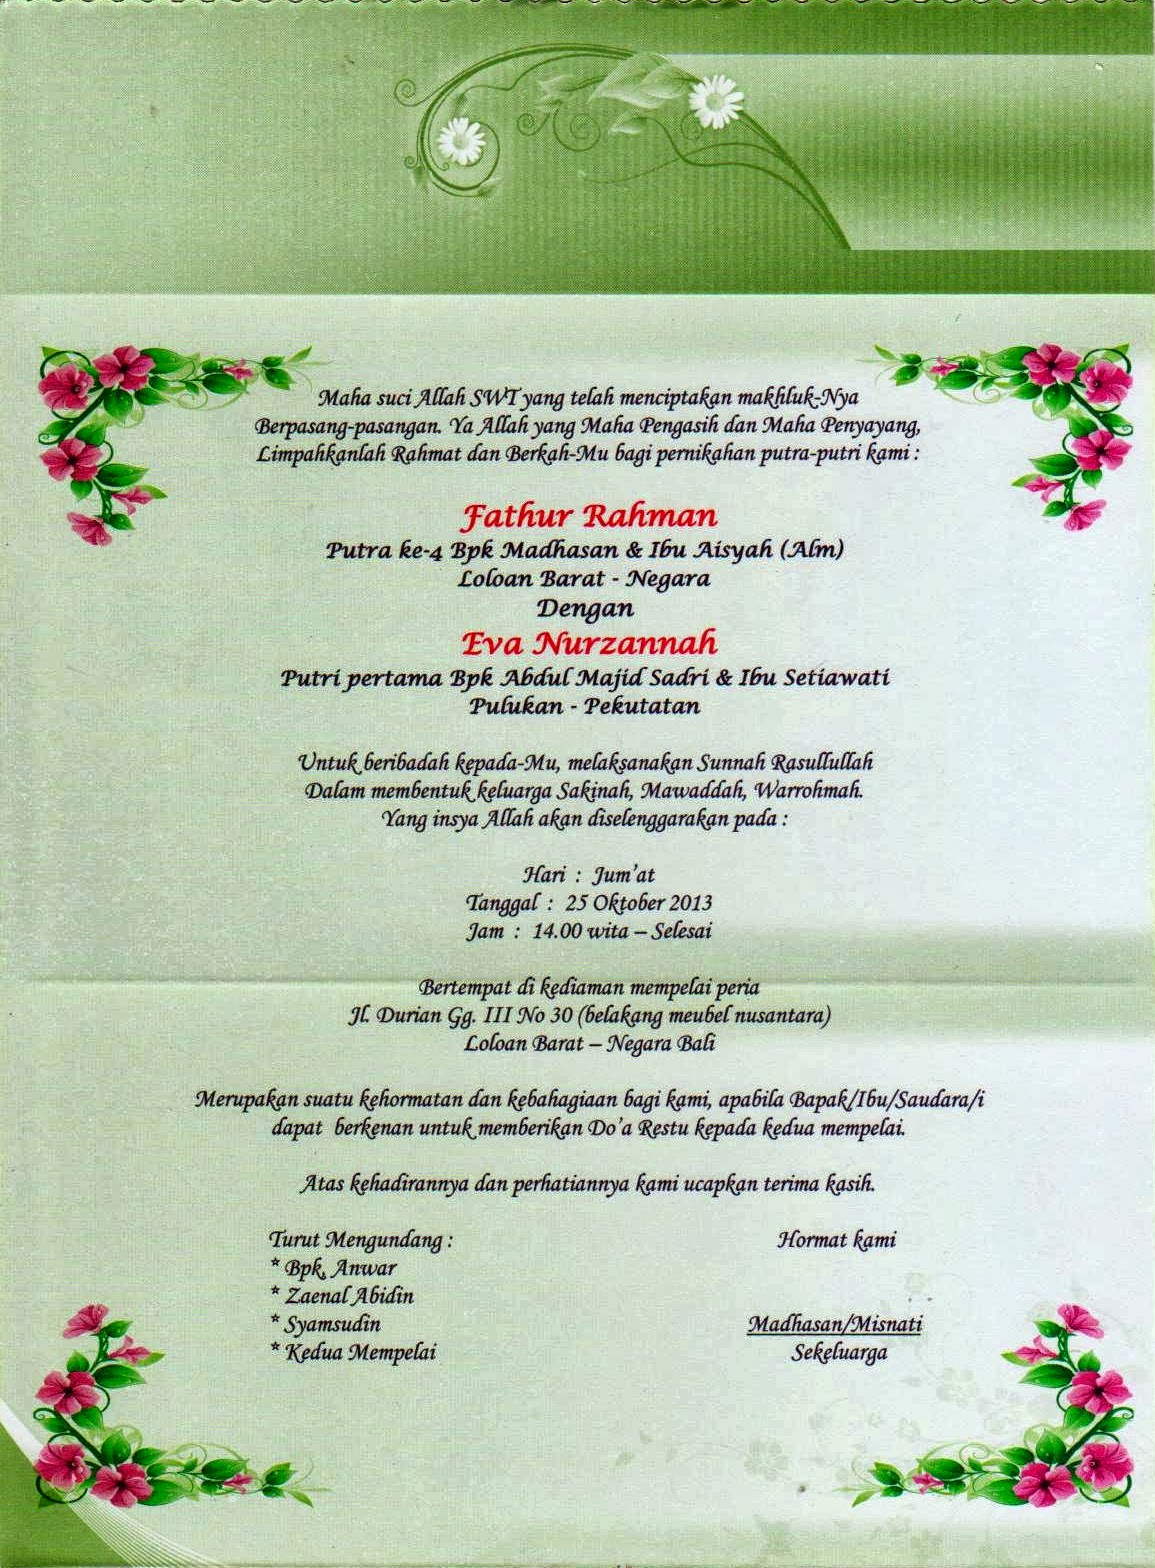 Surat Undangan Pernikahan Resepsi Rb Community